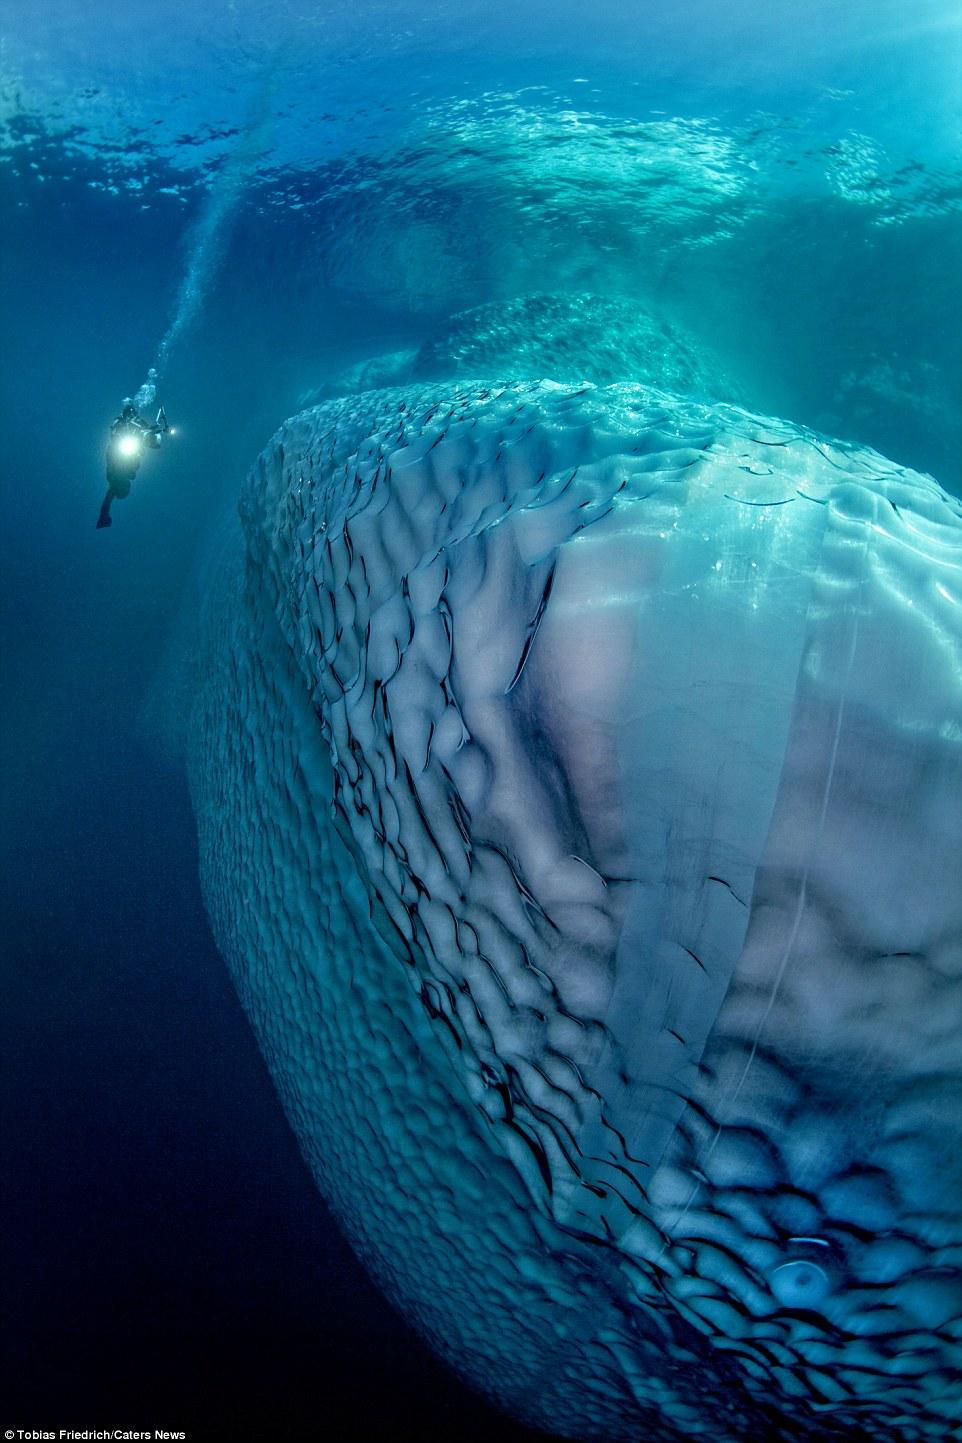 Hình ảnh đồ sộ đầy bất ngờ với phần chìm của tảng băng trôi 6